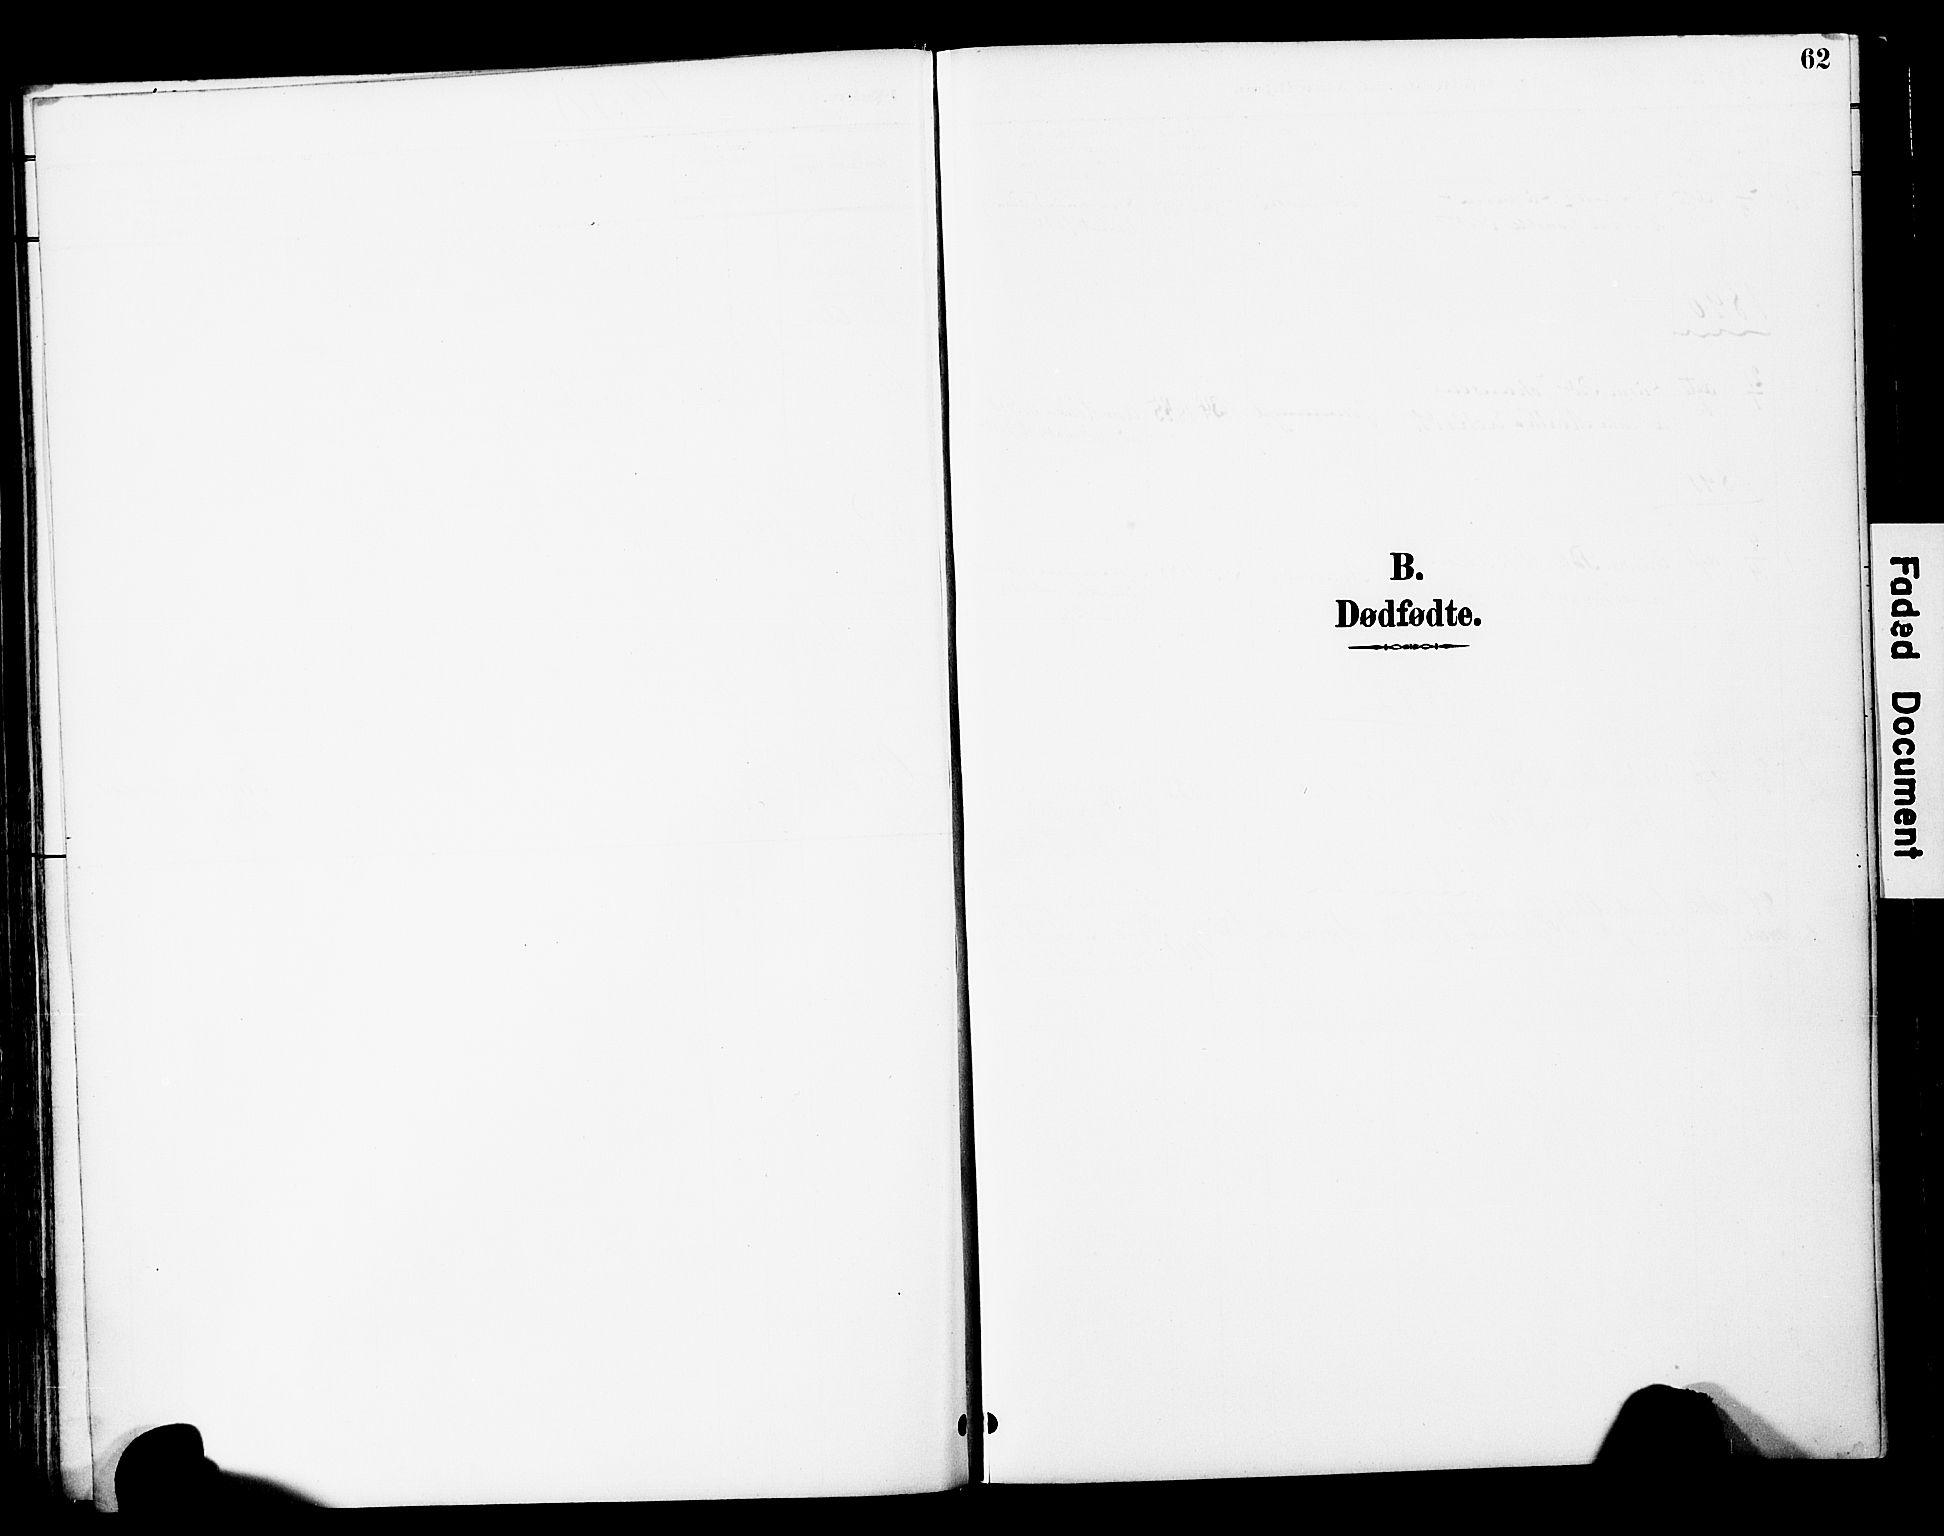 SAT, Ministerialprotokoller, klokkerbøker og fødselsregistre - Nord-Trøndelag, 741/L0396: Ministerialbok nr. 741A10, 1889-1901, s. 62